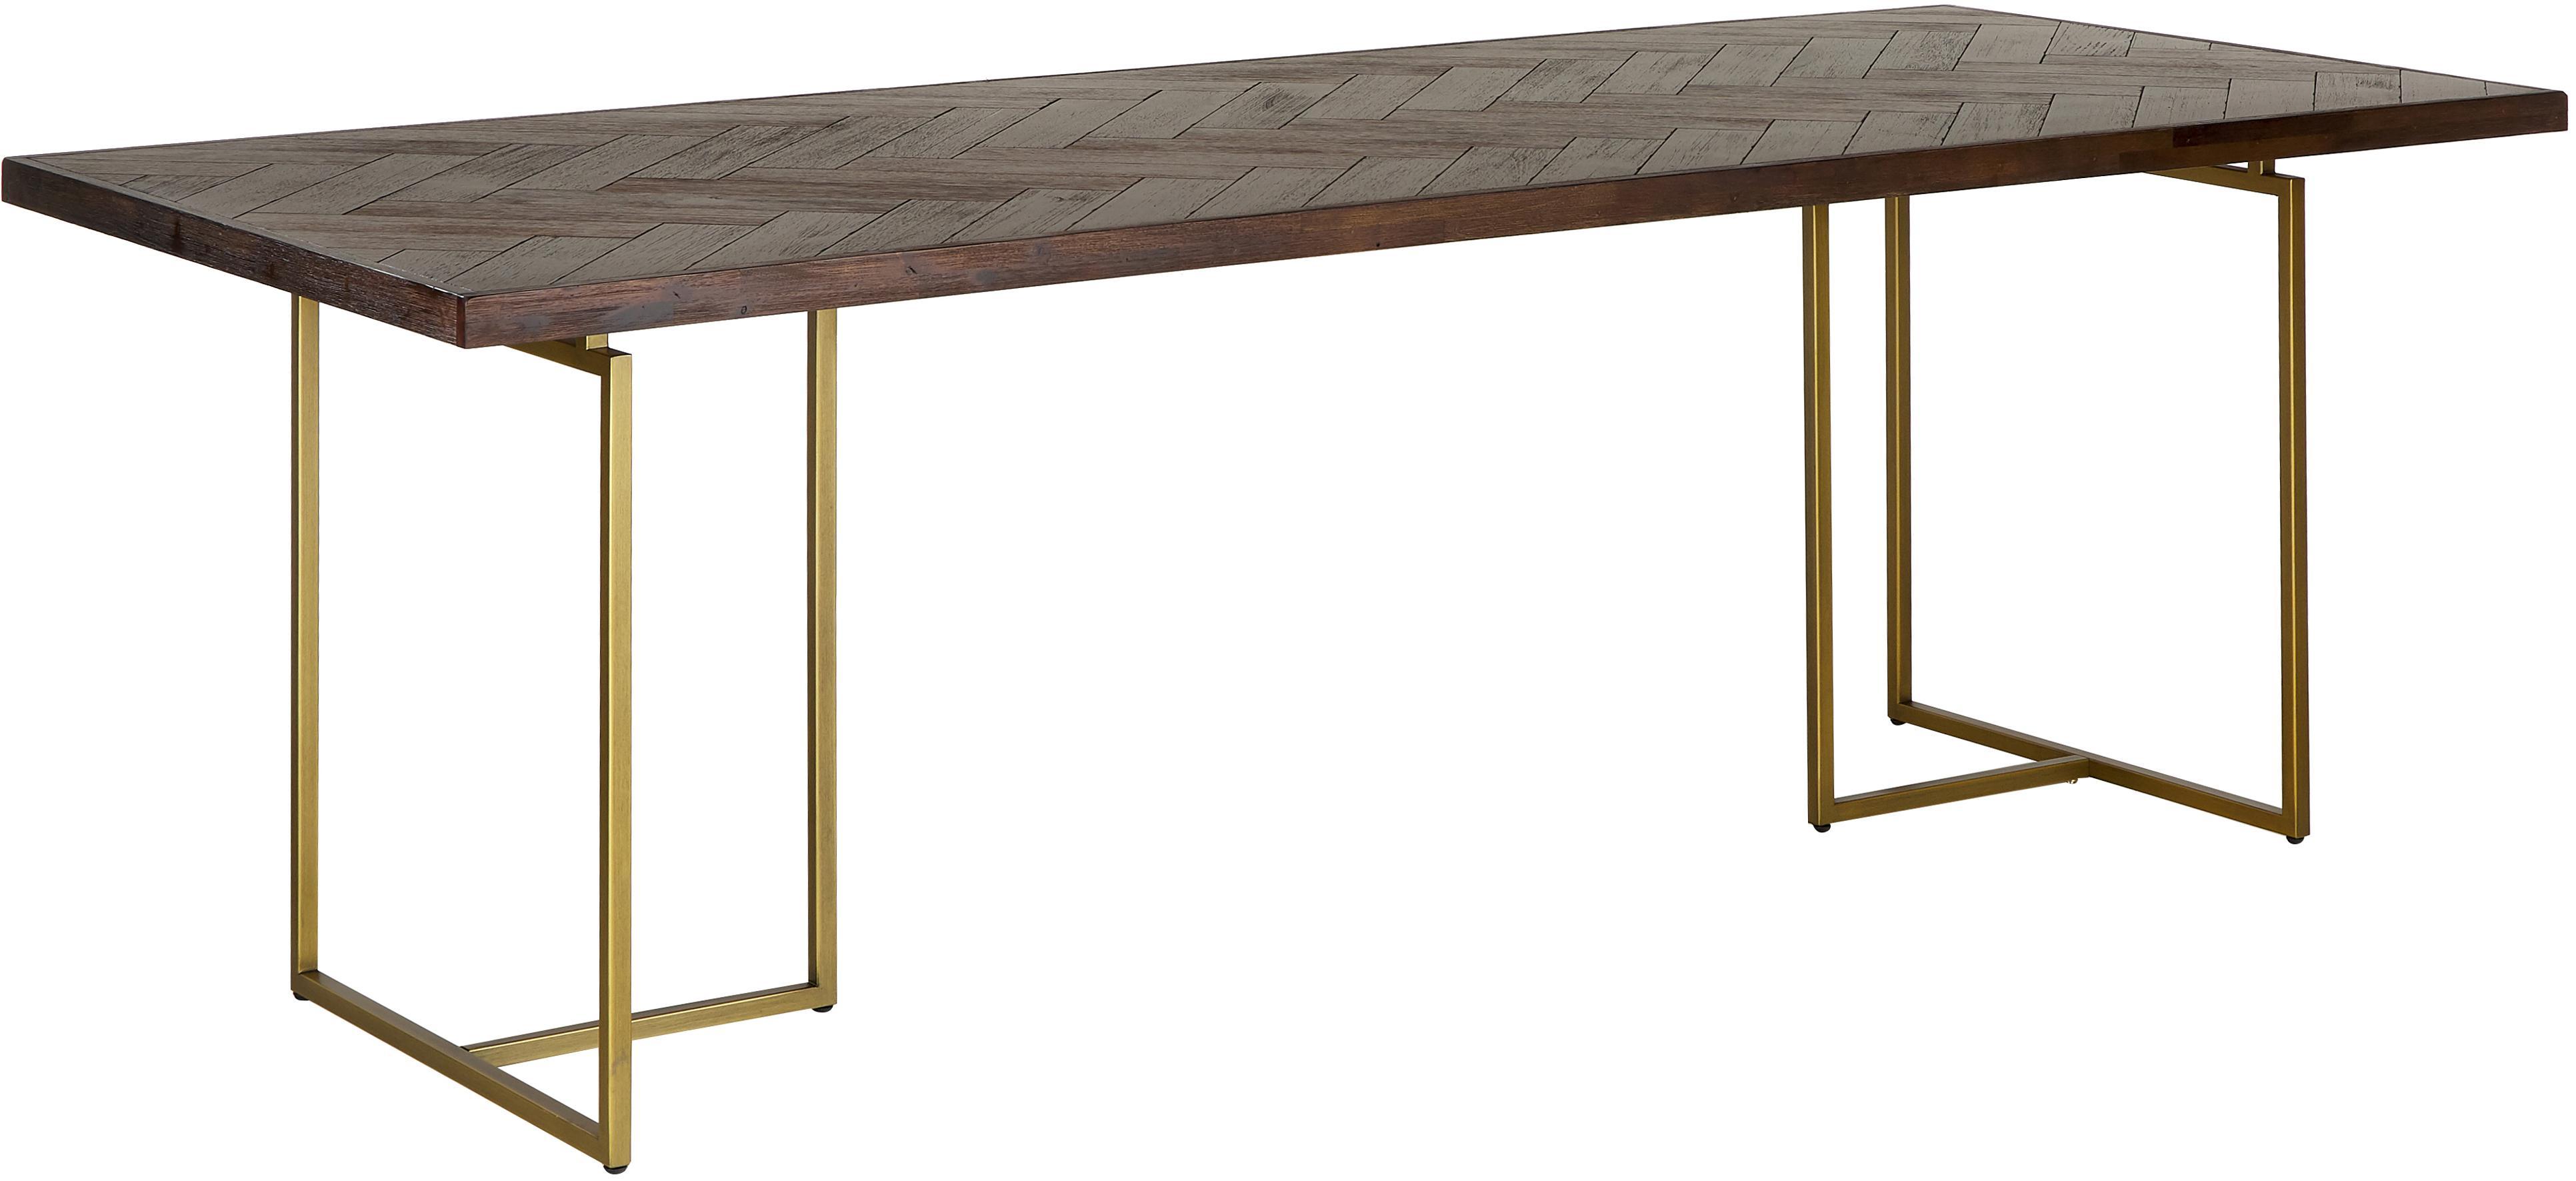 Tavolo con finitura in acacia Class, Piano d'appoggio: pannelli di fibra a media, Gambe: metallo, verniciato a pol, Marrone, Larg. 220 x Prof. 90 cm